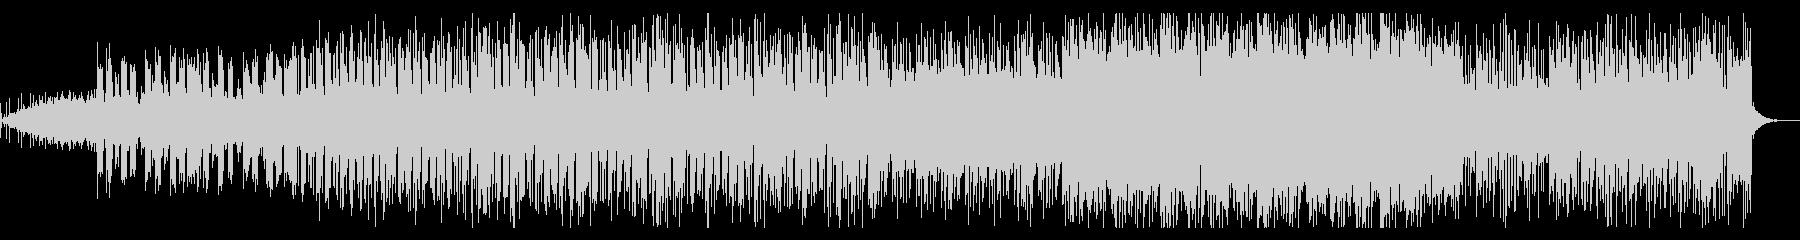 ピアノとブレイクビーツのシンセ系BGMの未再生の波形